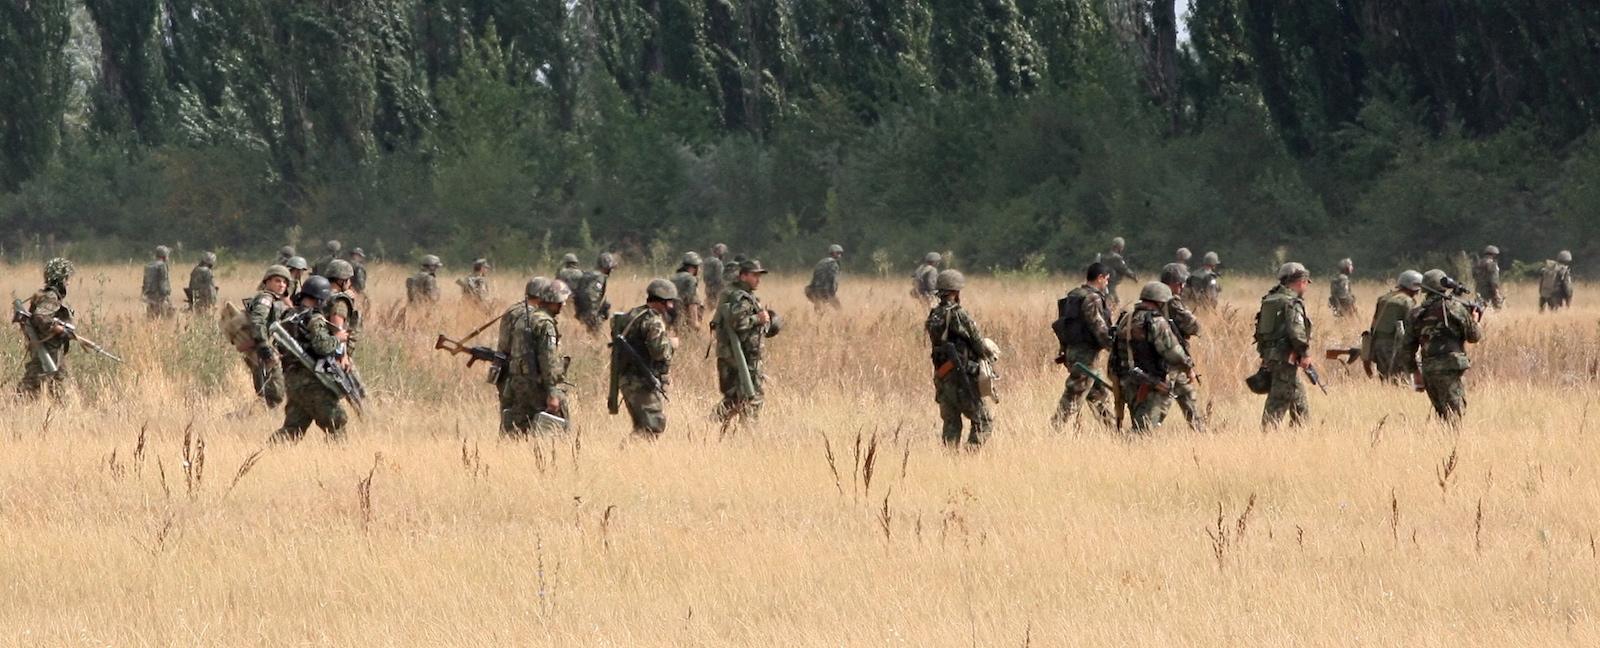 საქართველოს შეიარაღებული ძალები გორთან © EPA/ZURAB KURTSIKIDZE